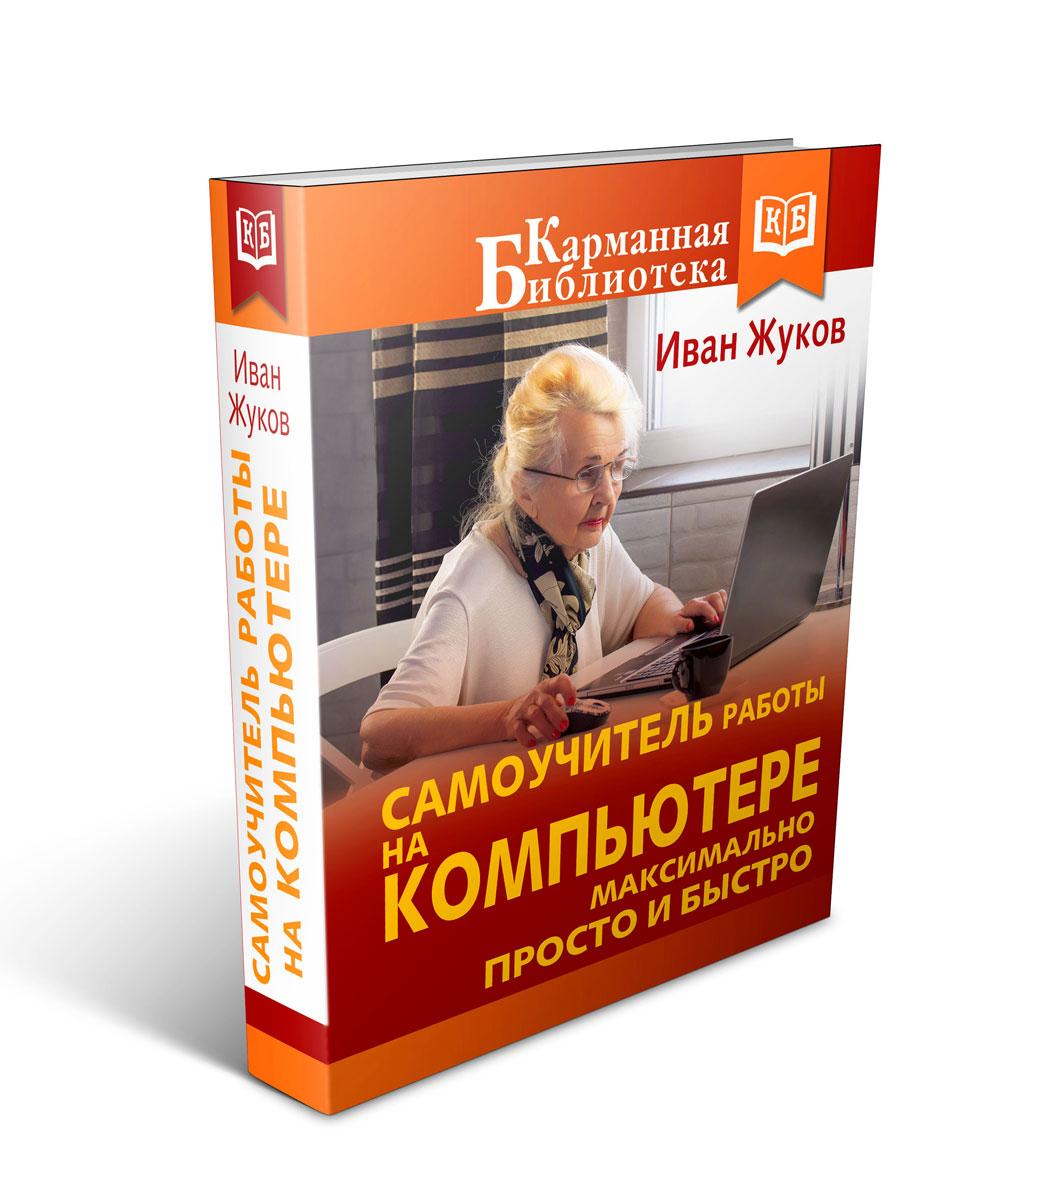 Иван Жуков Самоучитель работы на компьютере. Максимально просто и быстро жуков иван планшет для любого возраста максимально понятно